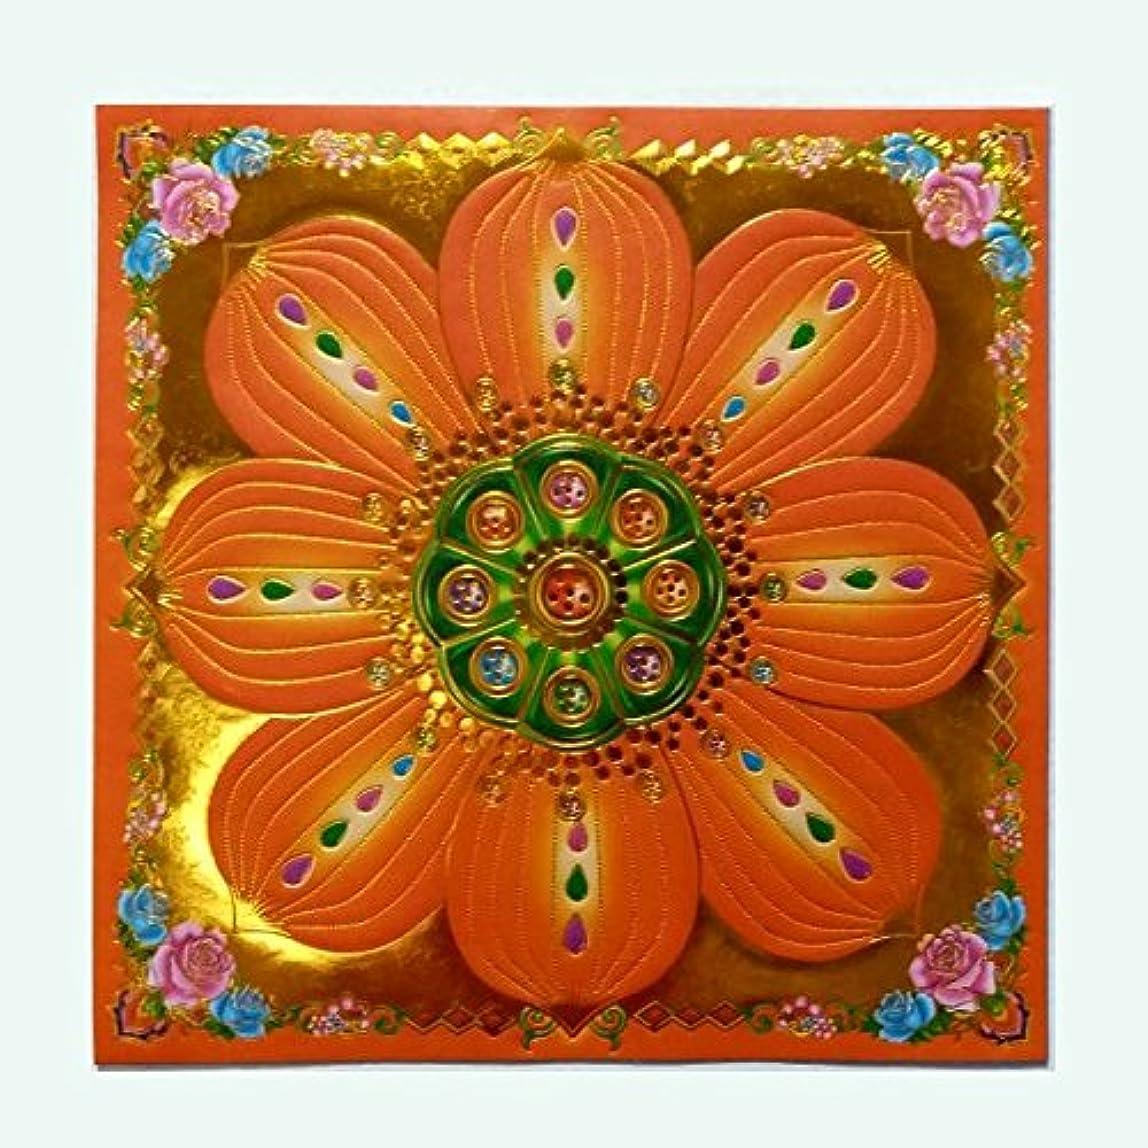 カバー言語学まあ40pcs Incense用紙/Joss用紙ハイグレードカラフルwithゴールドの箔Sサイズの祖先Praying 7.5インチx 7.5インチ(オレンジ)